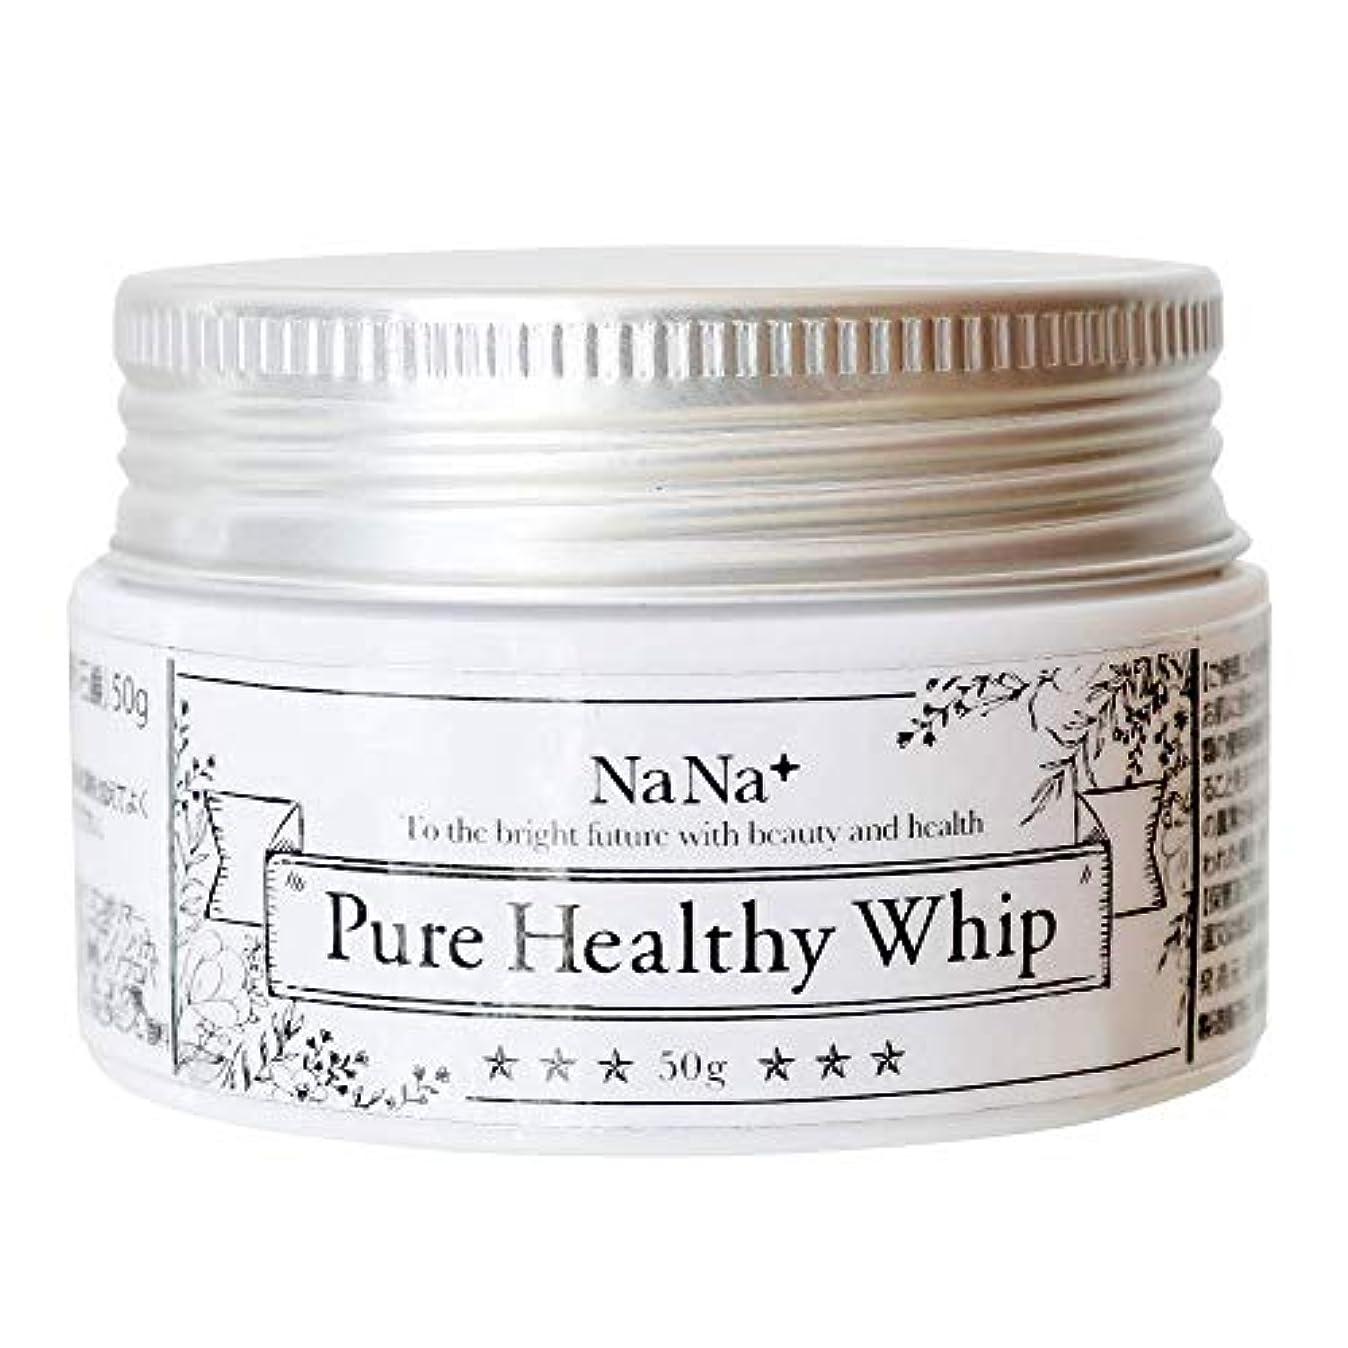 処方喉頭ミサイル洗顔 生せっけん 敏感肌 乾燥肌 の 毛穴 くすみ 黒ずみ ケア 肌に優しい無添加  nana+ピュアヘルシーホイップ